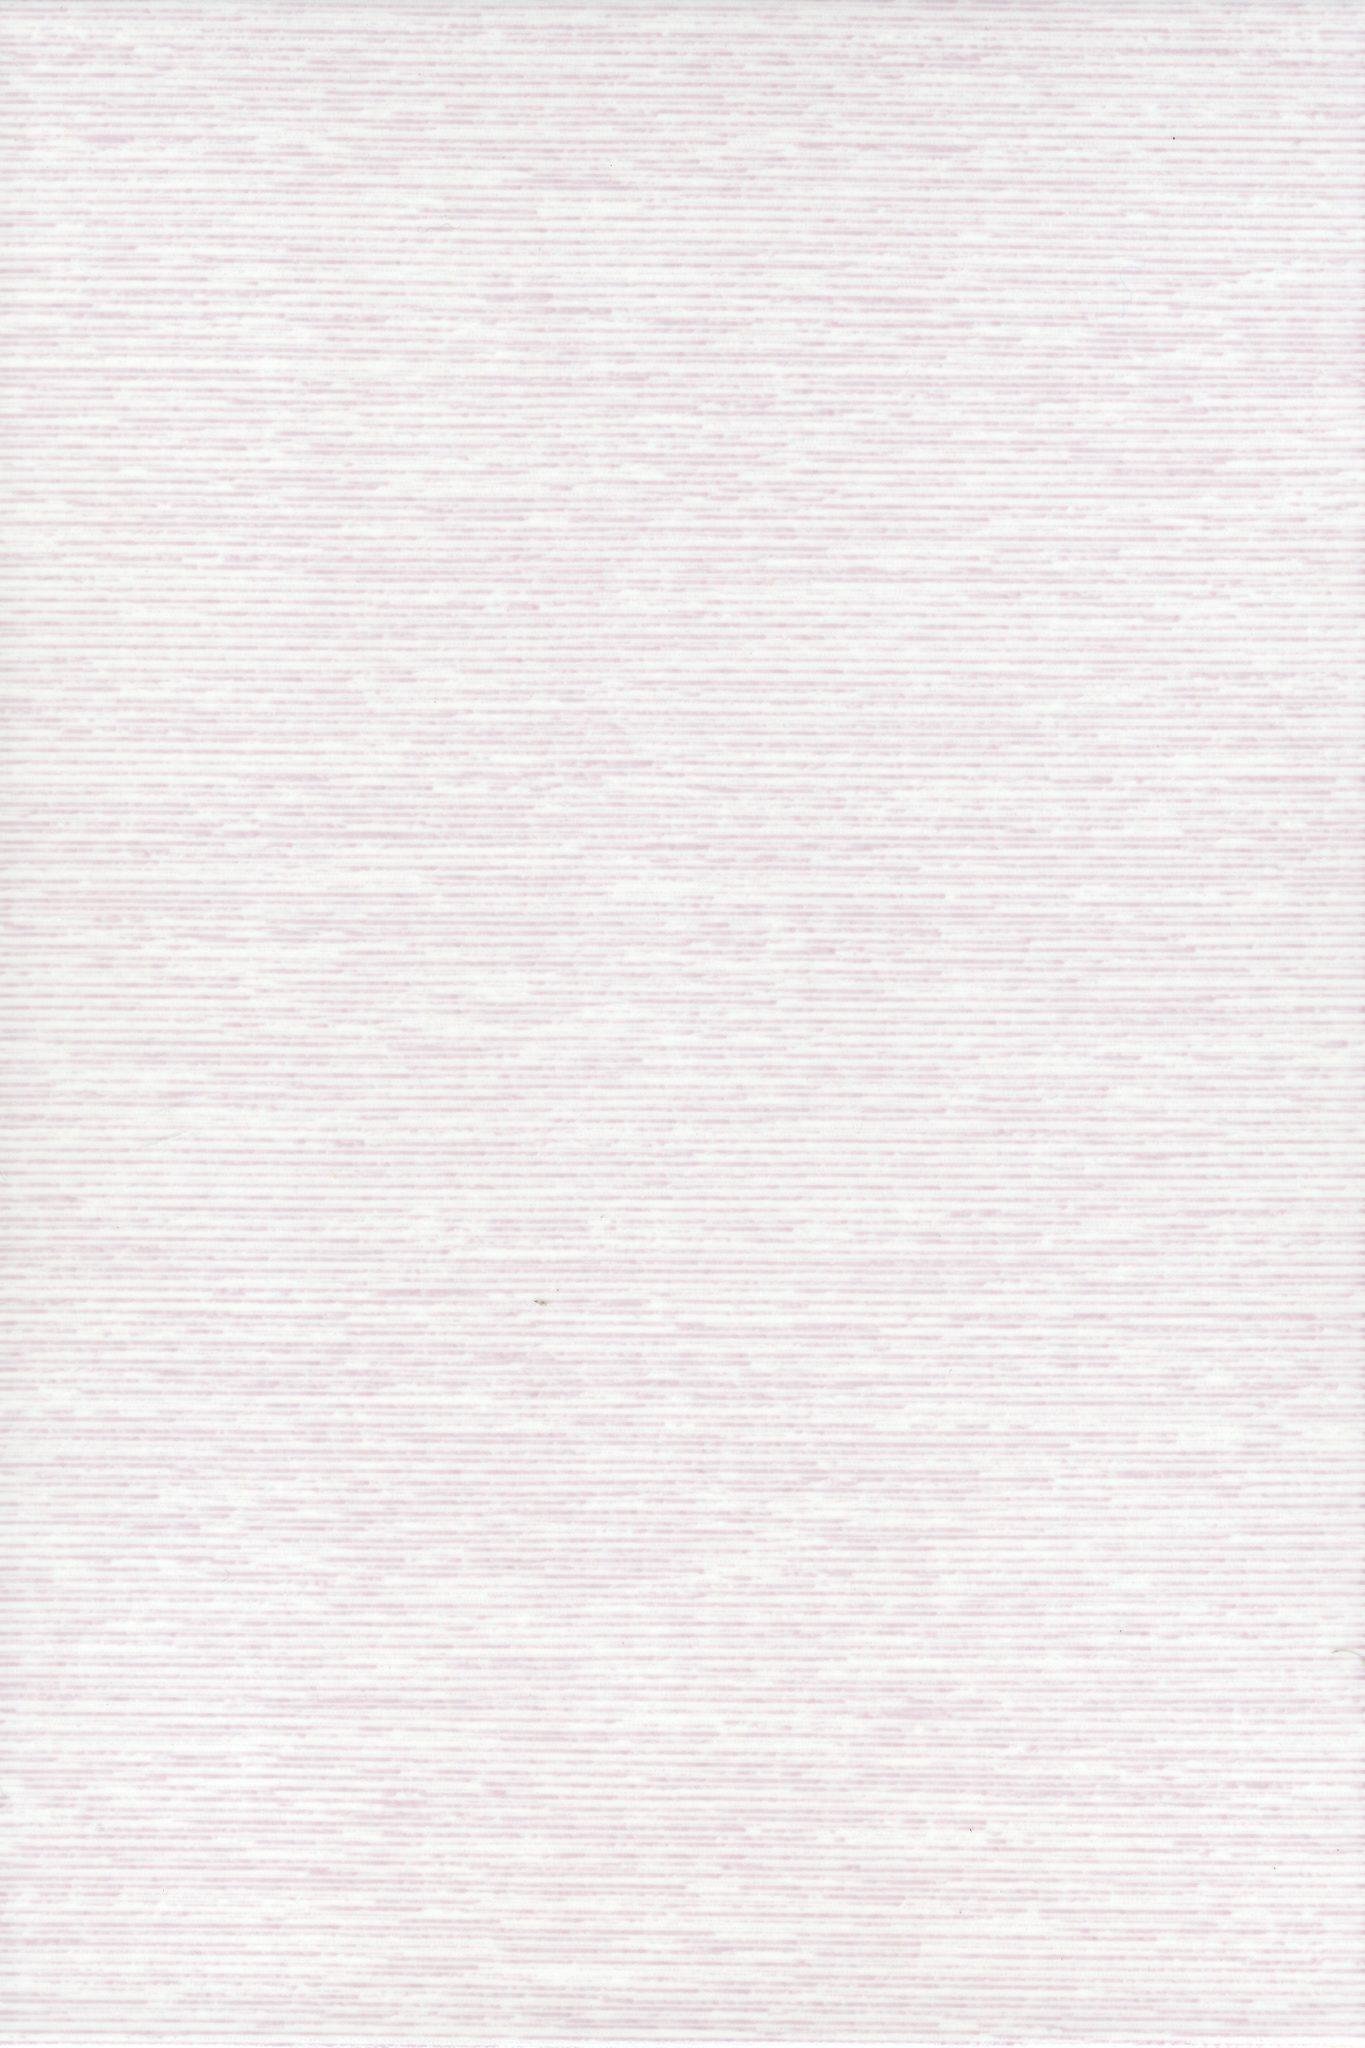 Laura настенная плитка (св-сиреневая), 20х30